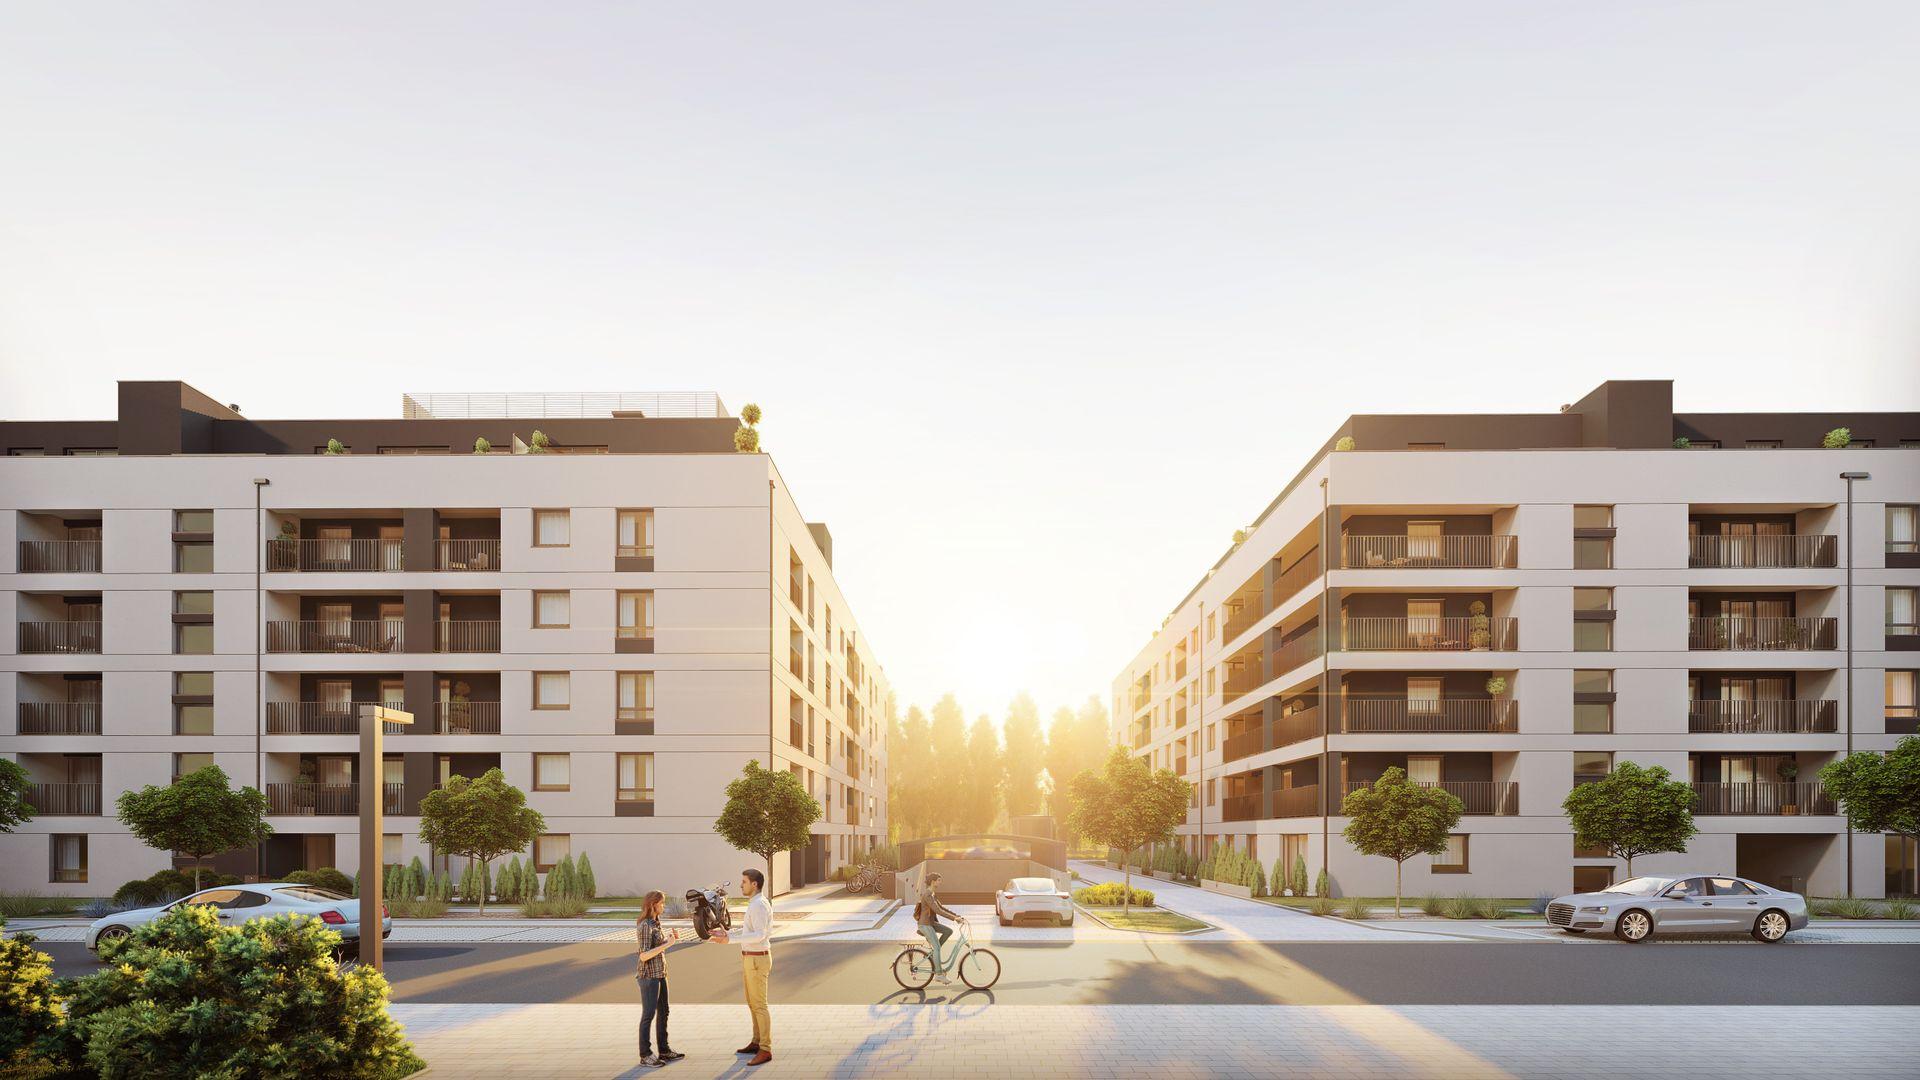 Resi4Rent Wrocław Kępa Mieszczańska – blisko 300 mieszkań na wynajem powstaje przy Odrze